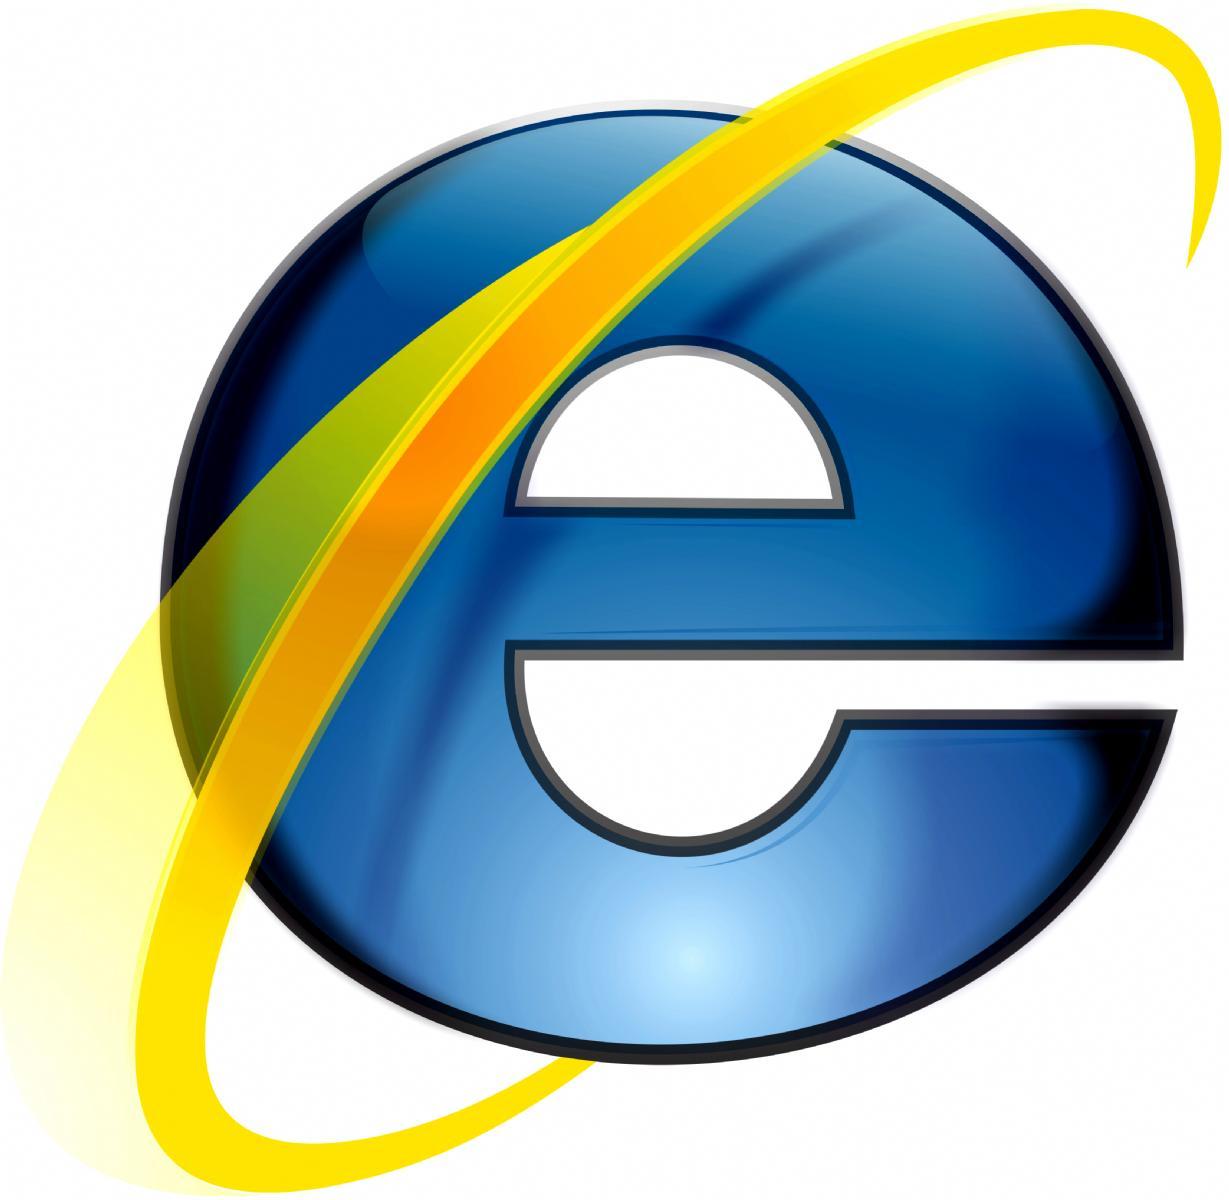 اخر اصداره برنامج انترنت اكسبور الاصداره السابع من برنامج انترنت اكسبلور